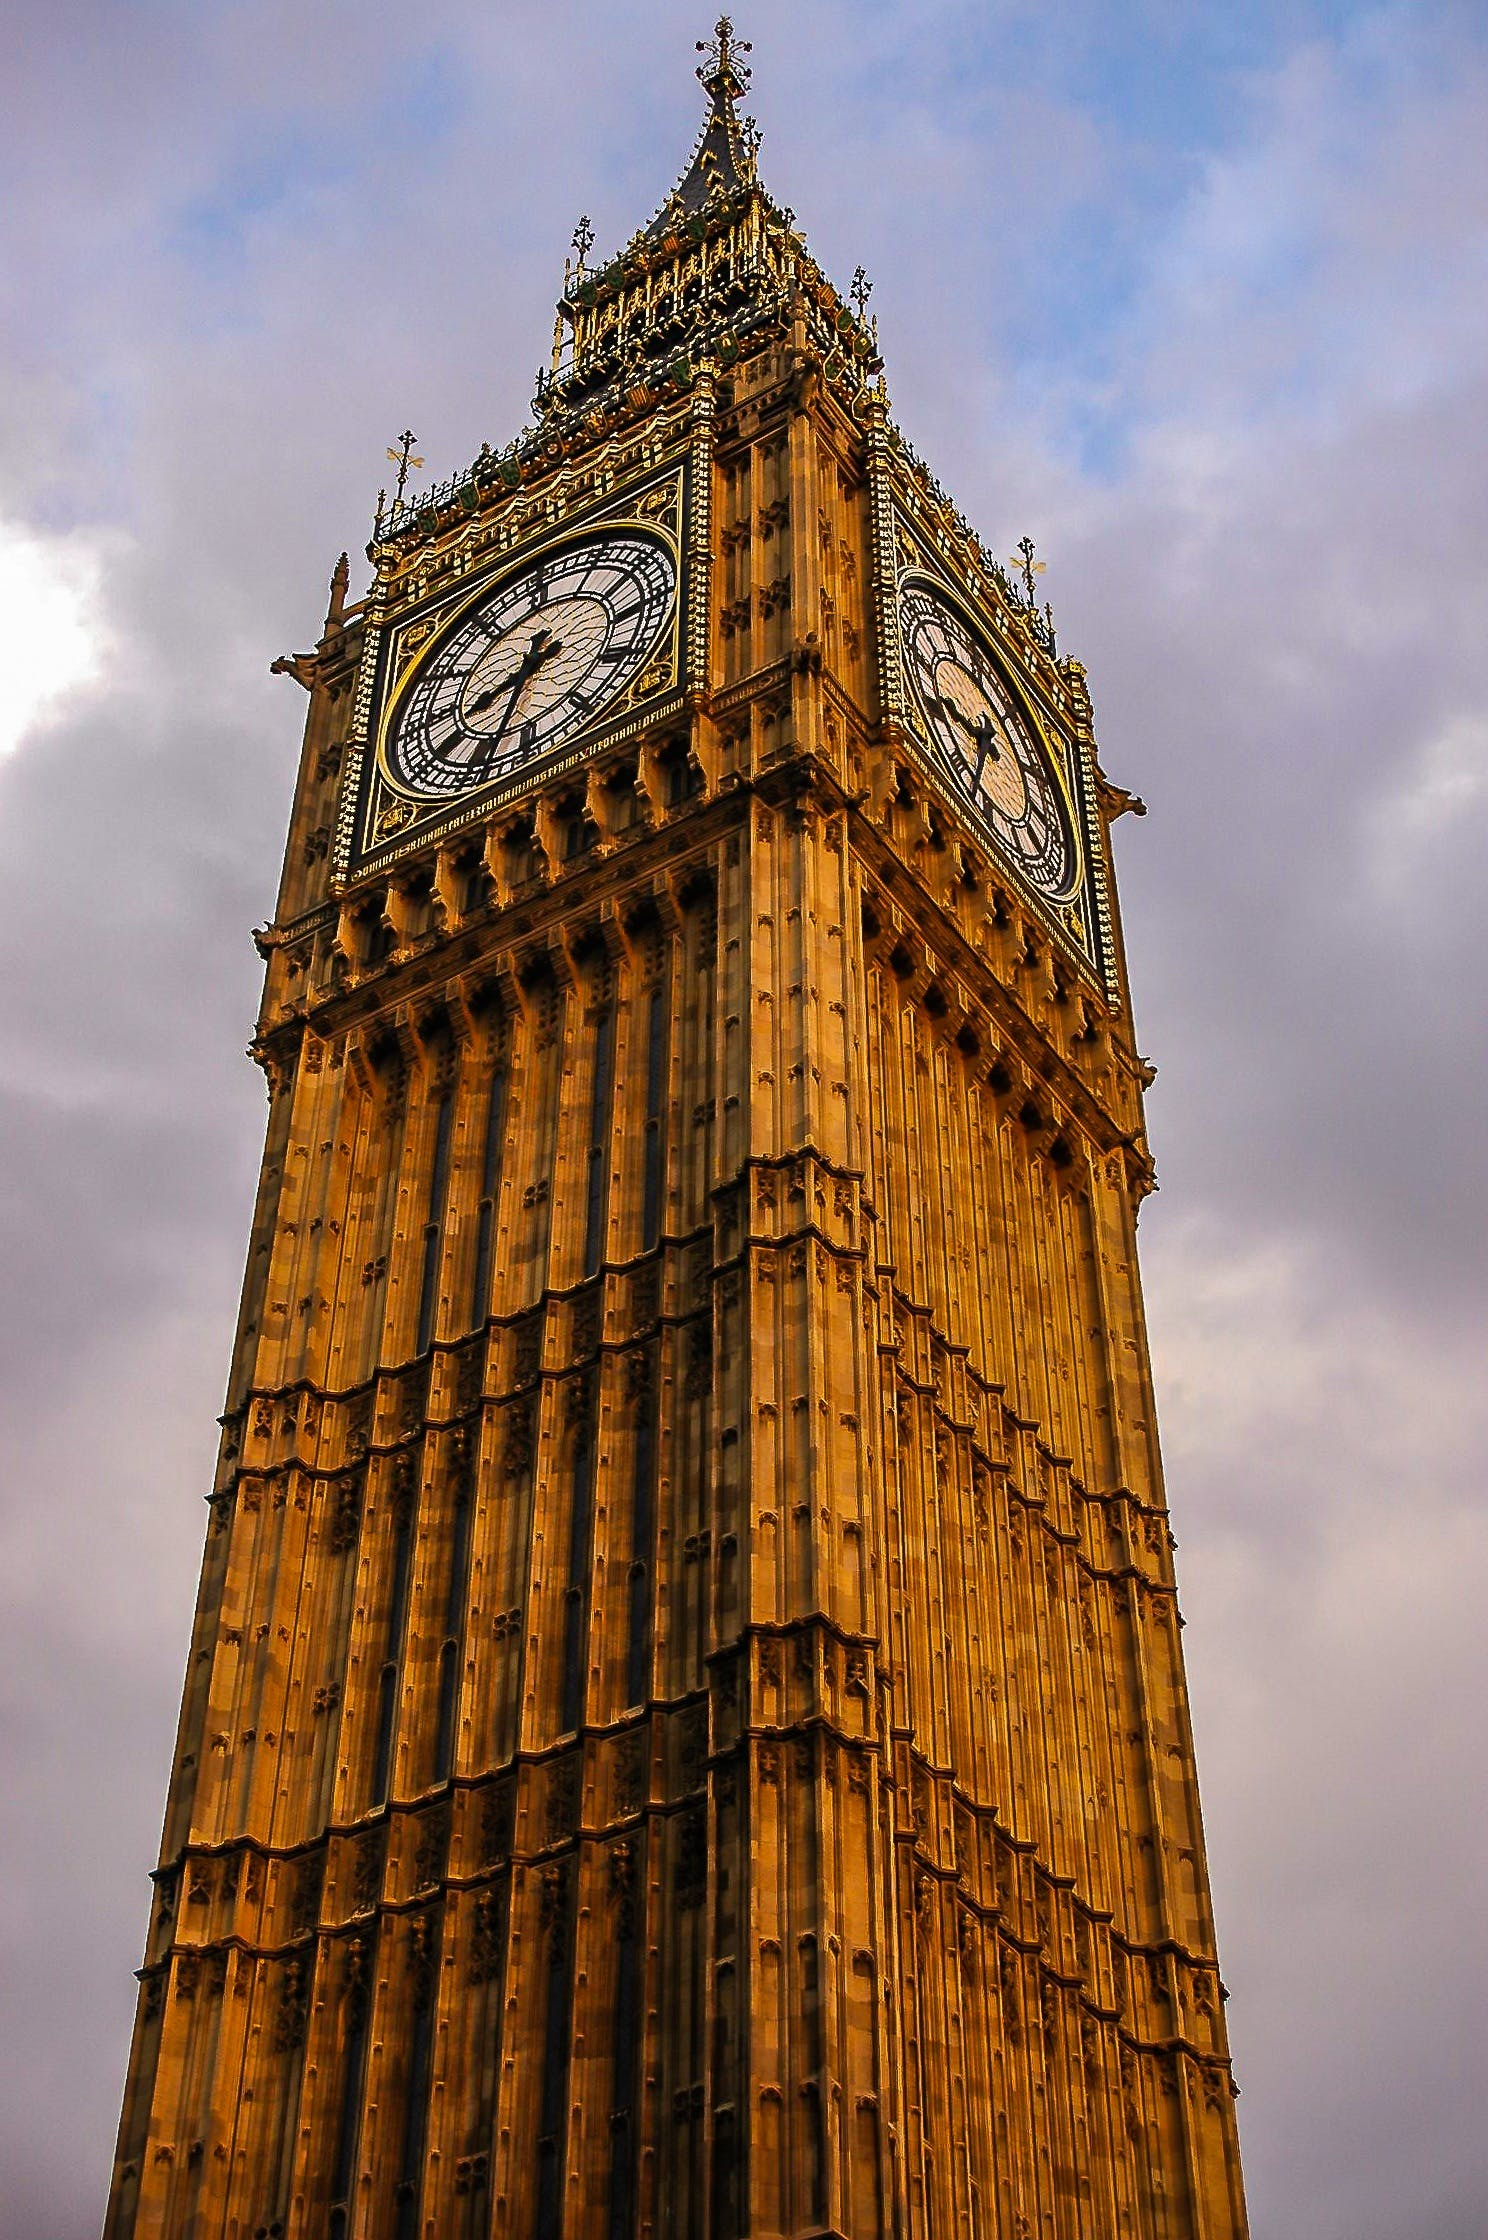 Bottom View of Big Ben